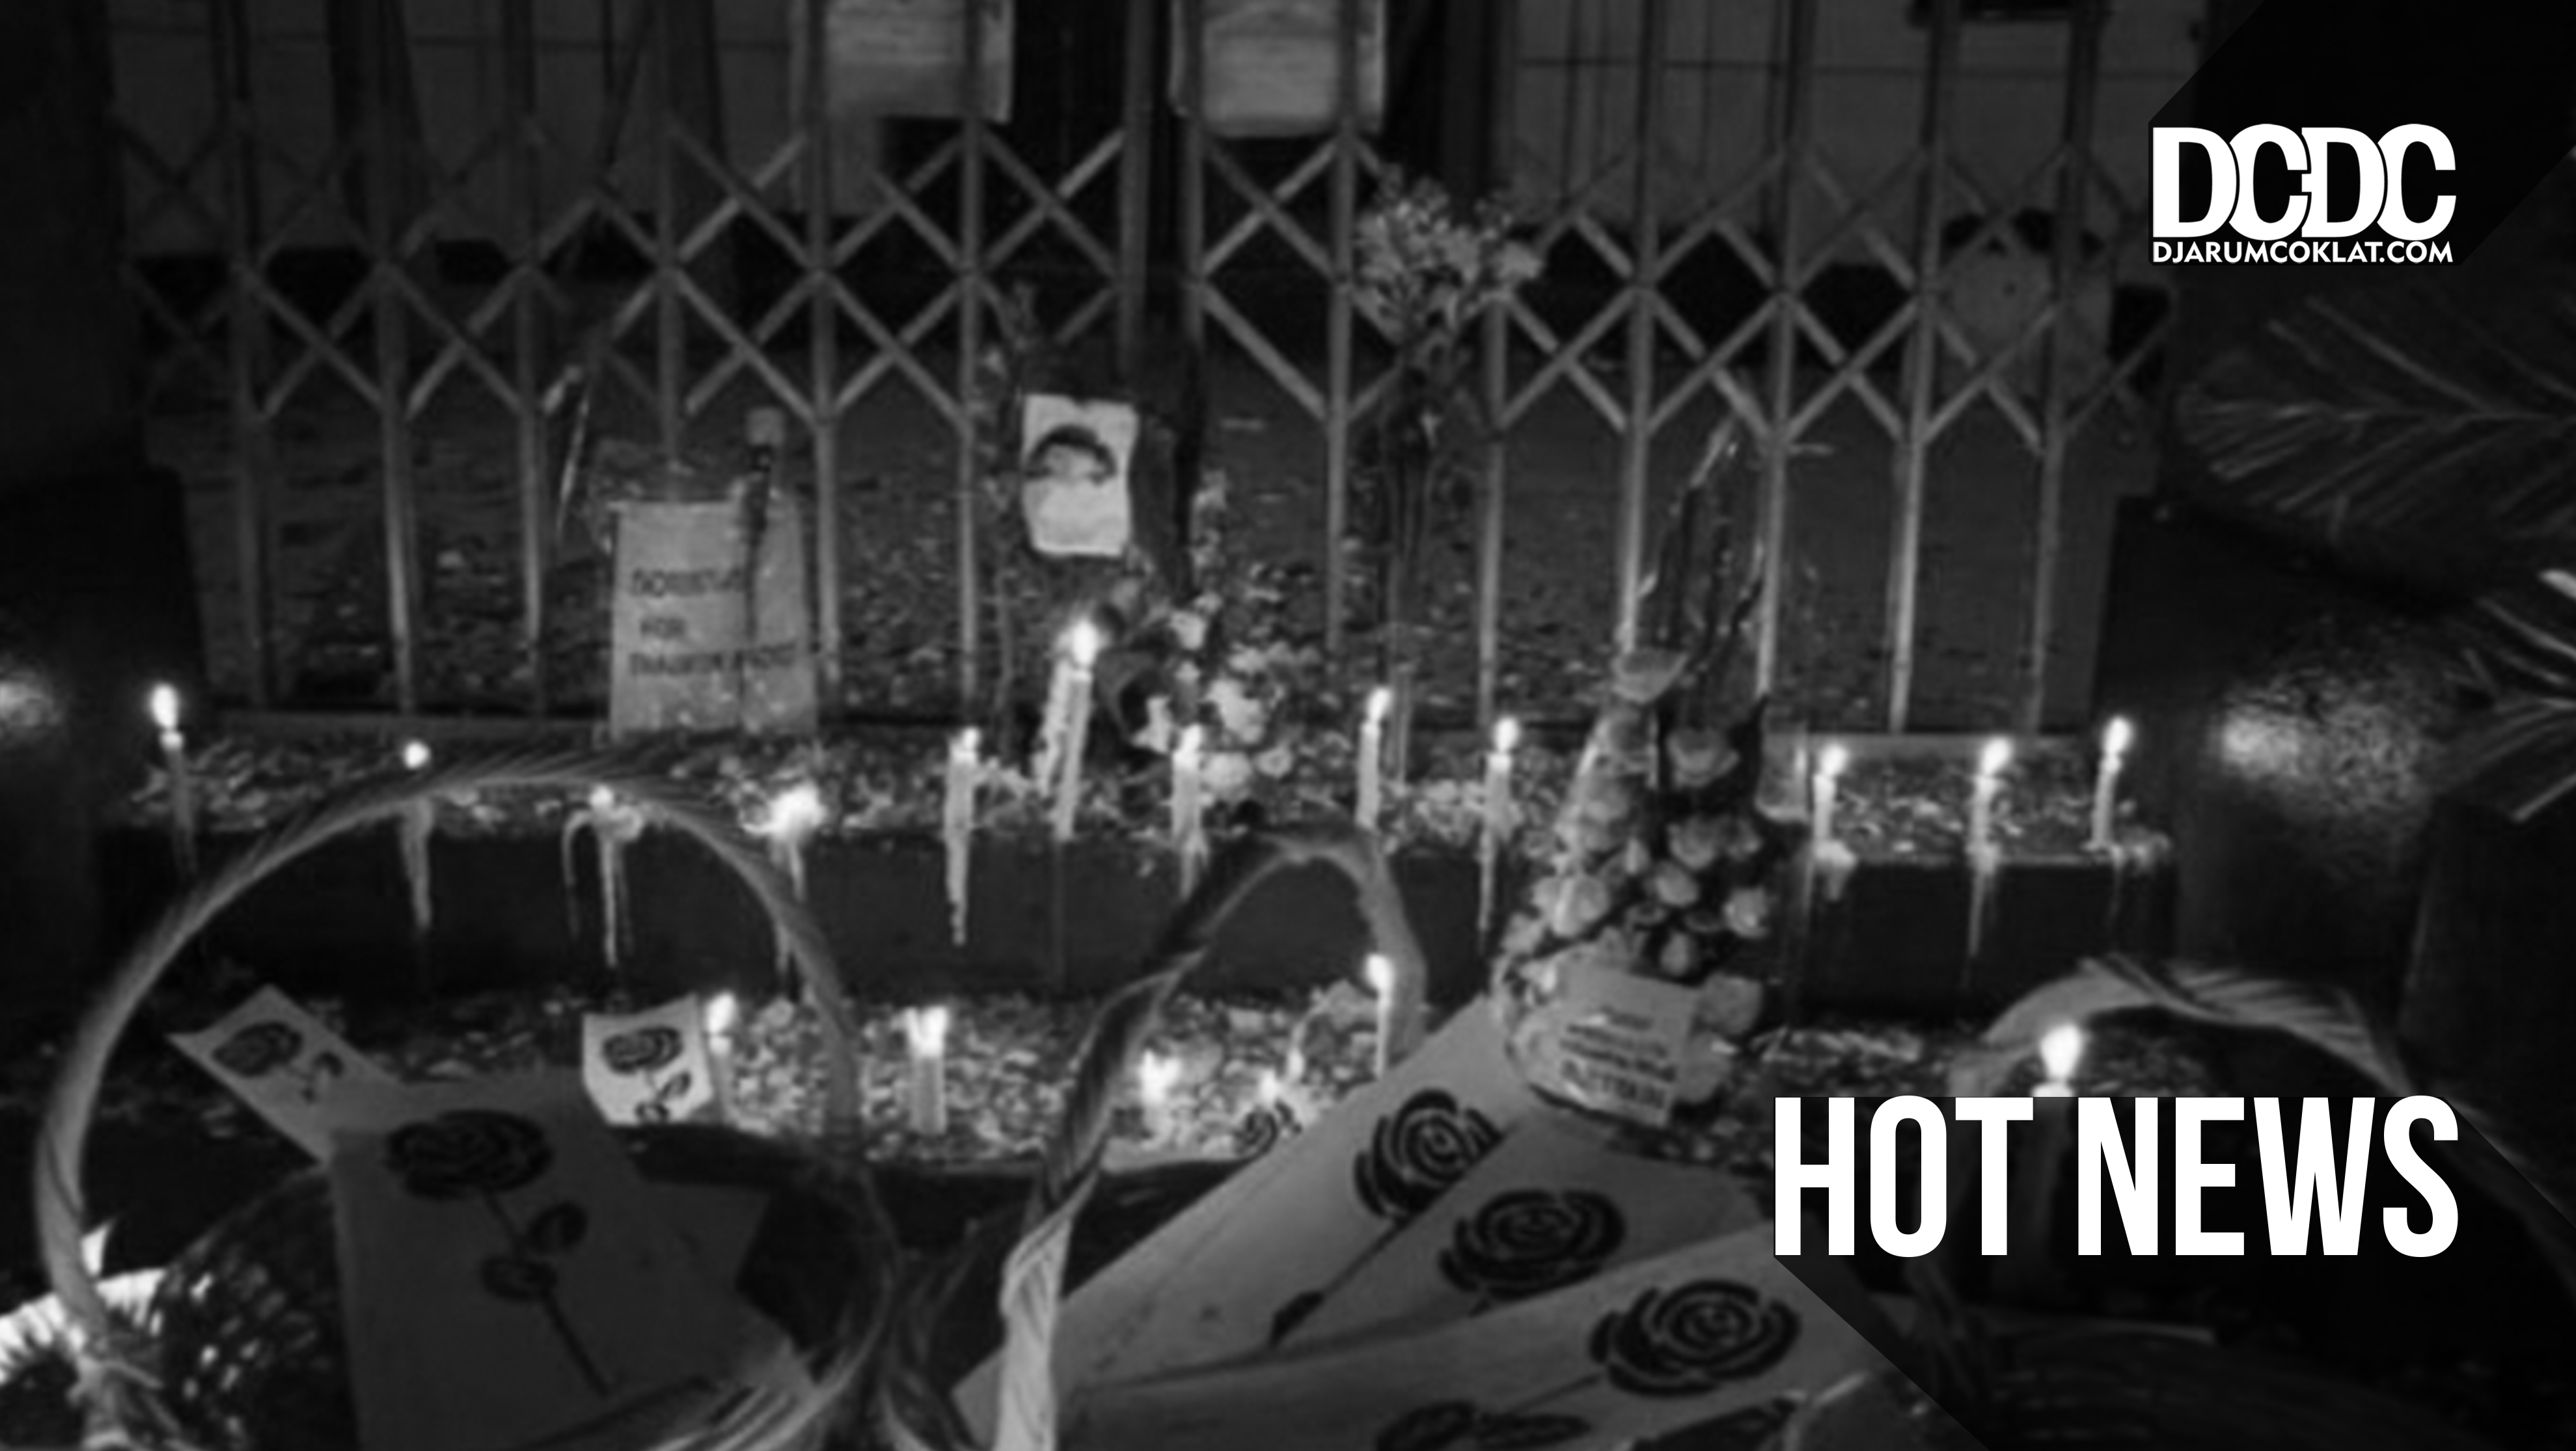 #MelawanLupa; Mengenang 11 Pahlawan yang Berpulang 11 Tahun yang Lalu